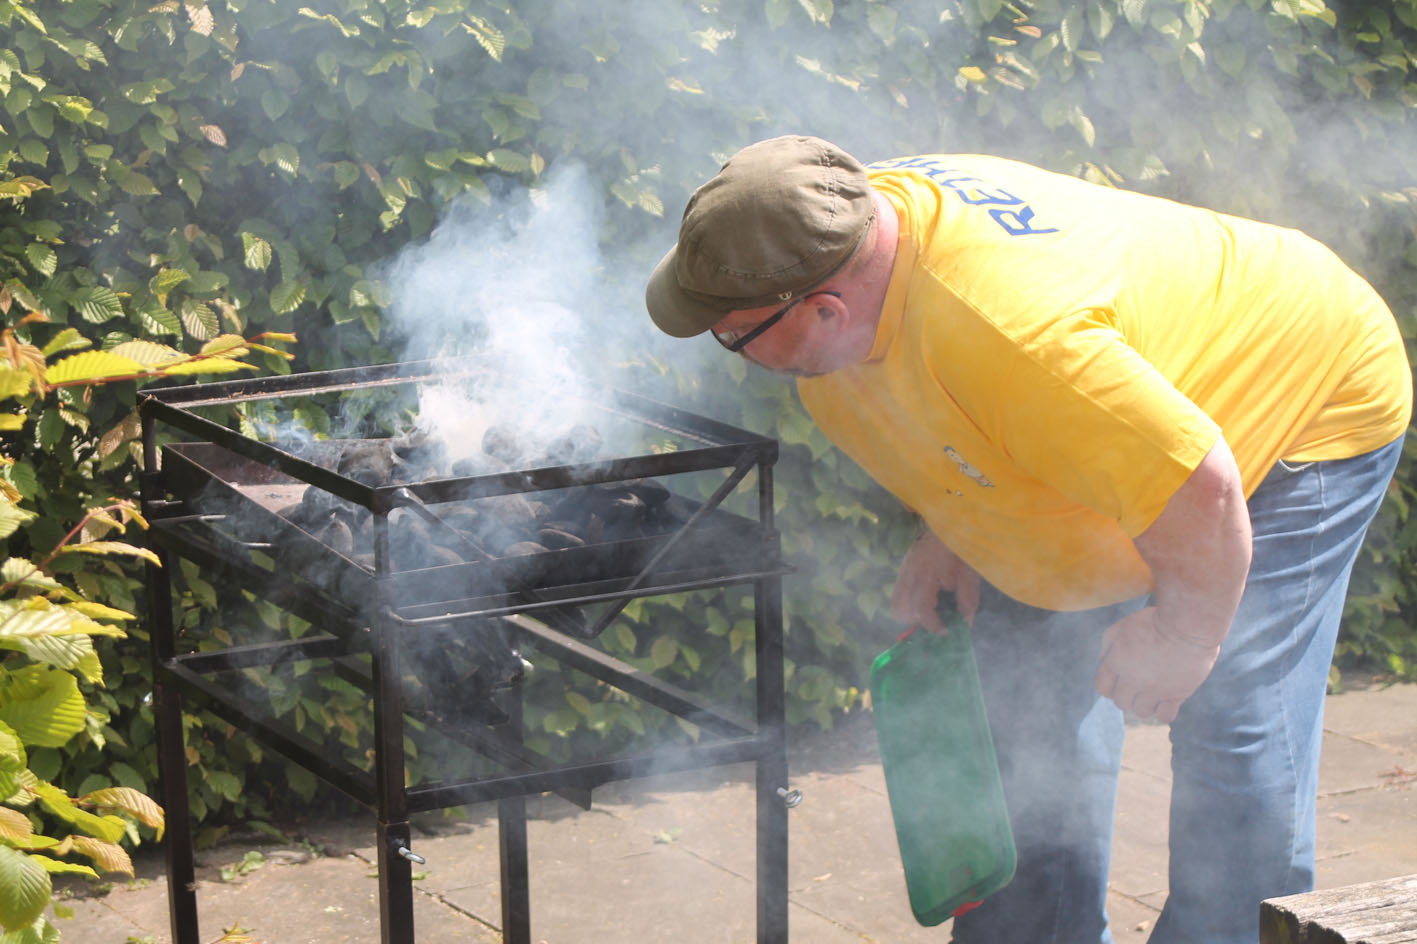 Hoffentlich gibt's keine Rauchvergiftung / Bild: Reiner Dittmers